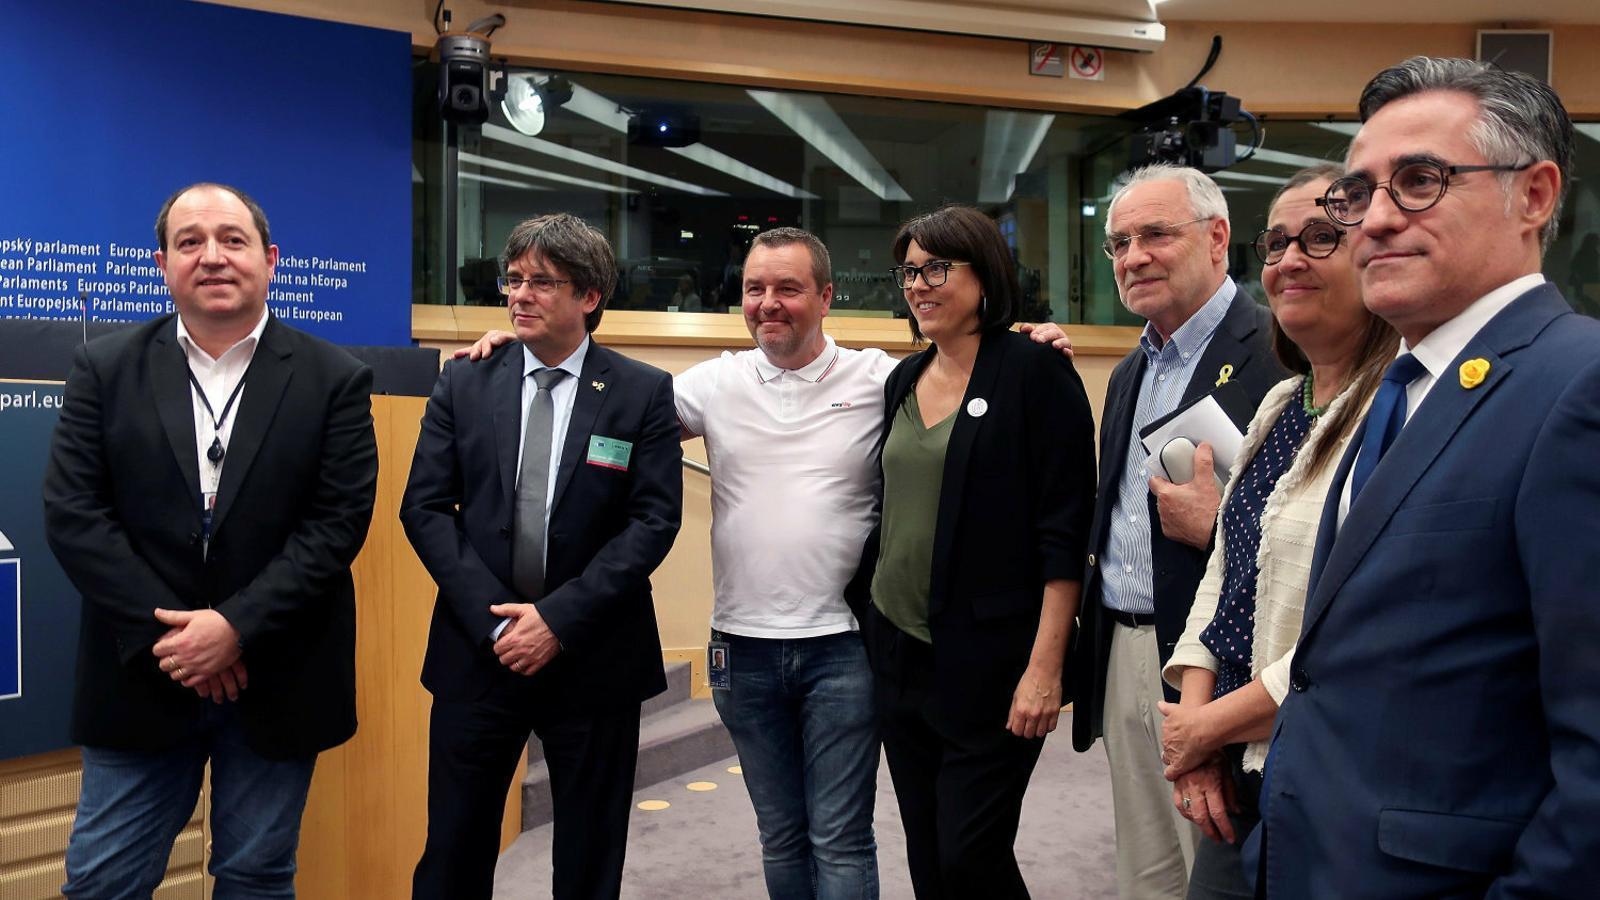 L'expresident de la Generalitat, Carles Puigdemont, en una visita al Parlament Europeu / AÏDA SÁNCHEZ ALONSO / EFE